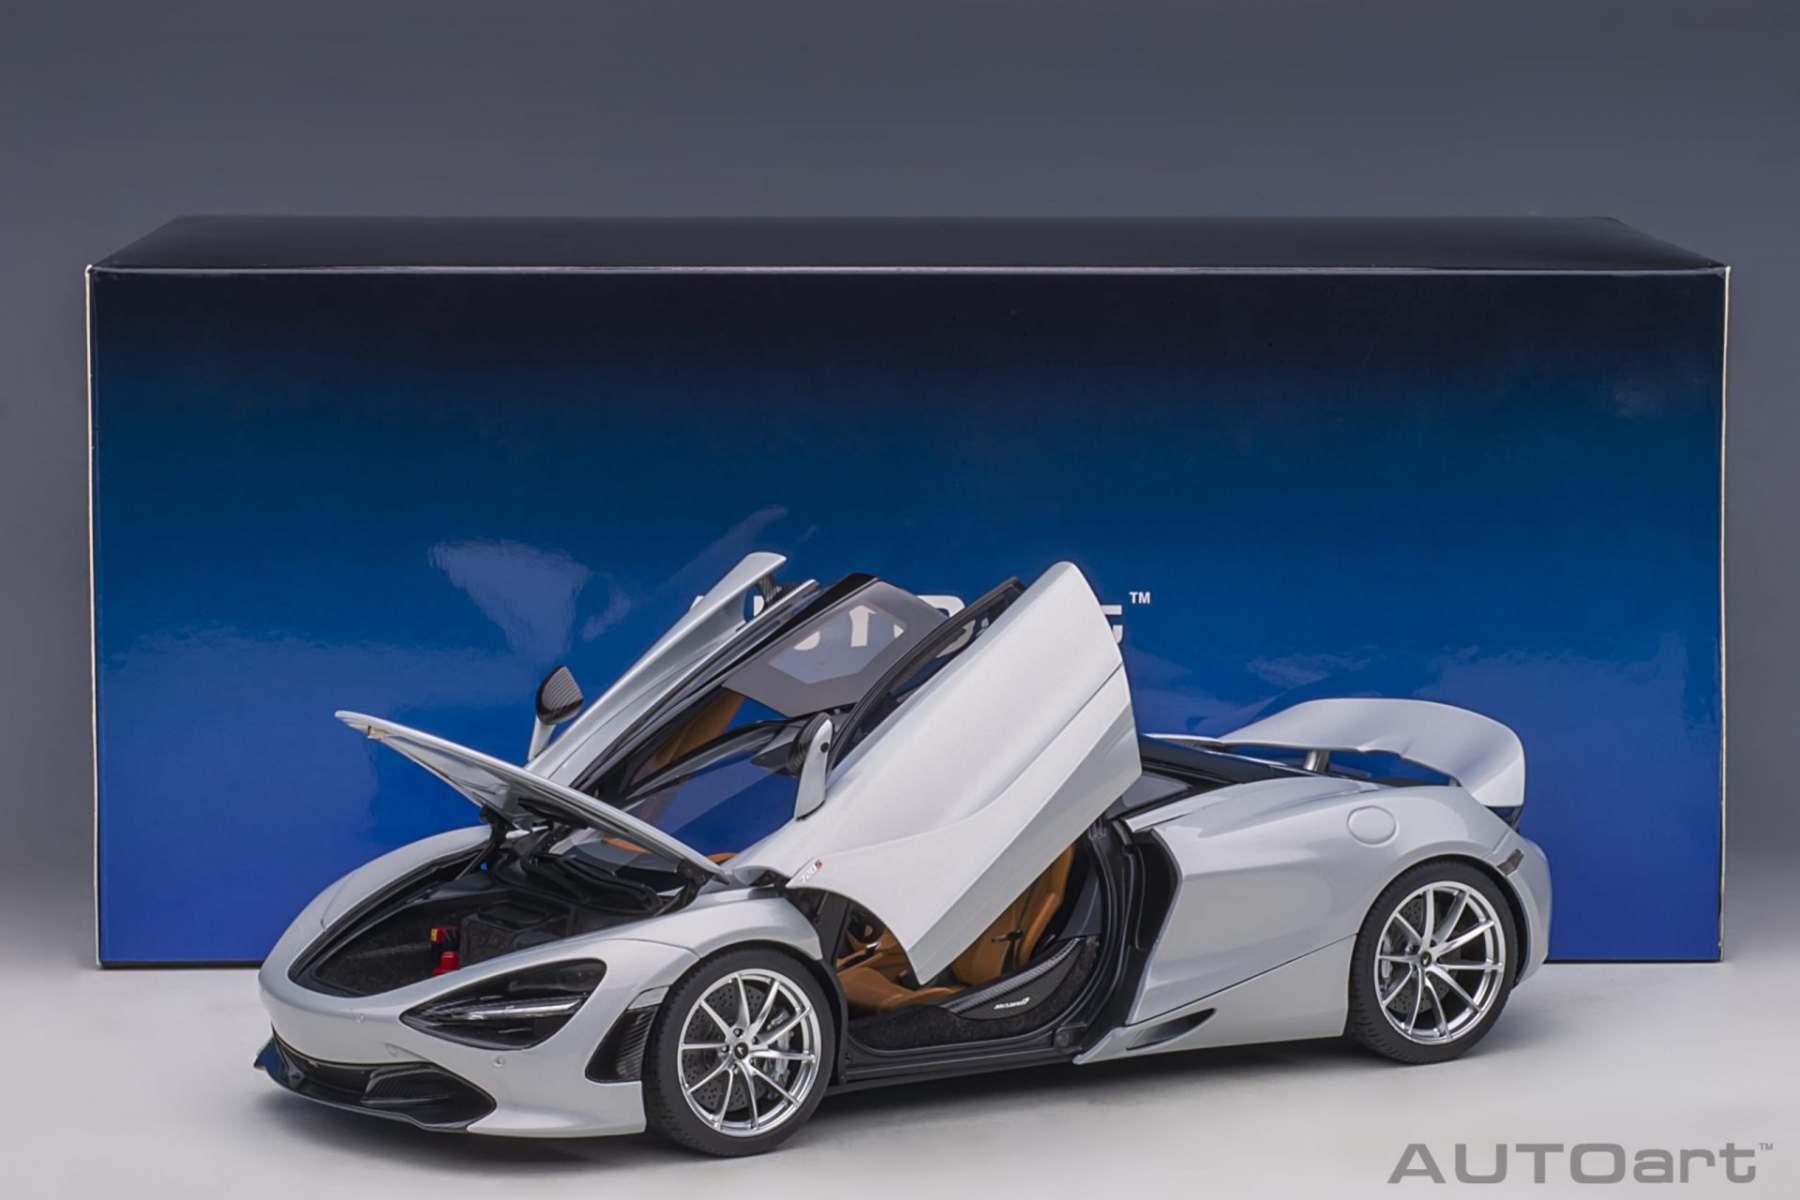 glacier white AUTOart 1:18 76071 2017 McLaren 720S NEU!